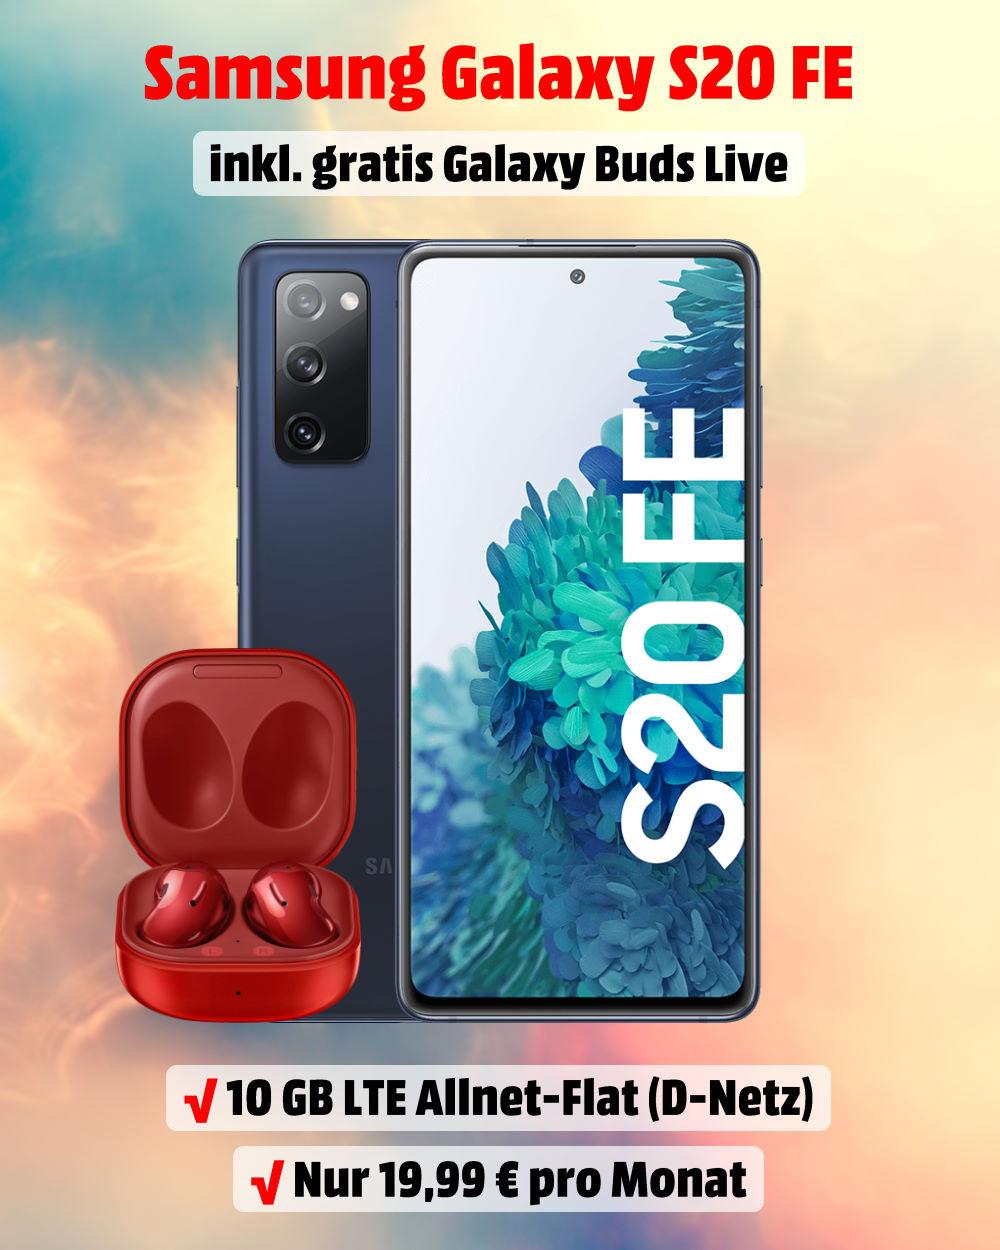 Handy-Tarifvergleich - Galaxy S20 FE inkl. Galaxy Buds Live und 10 GB LTE Allnet-Flat